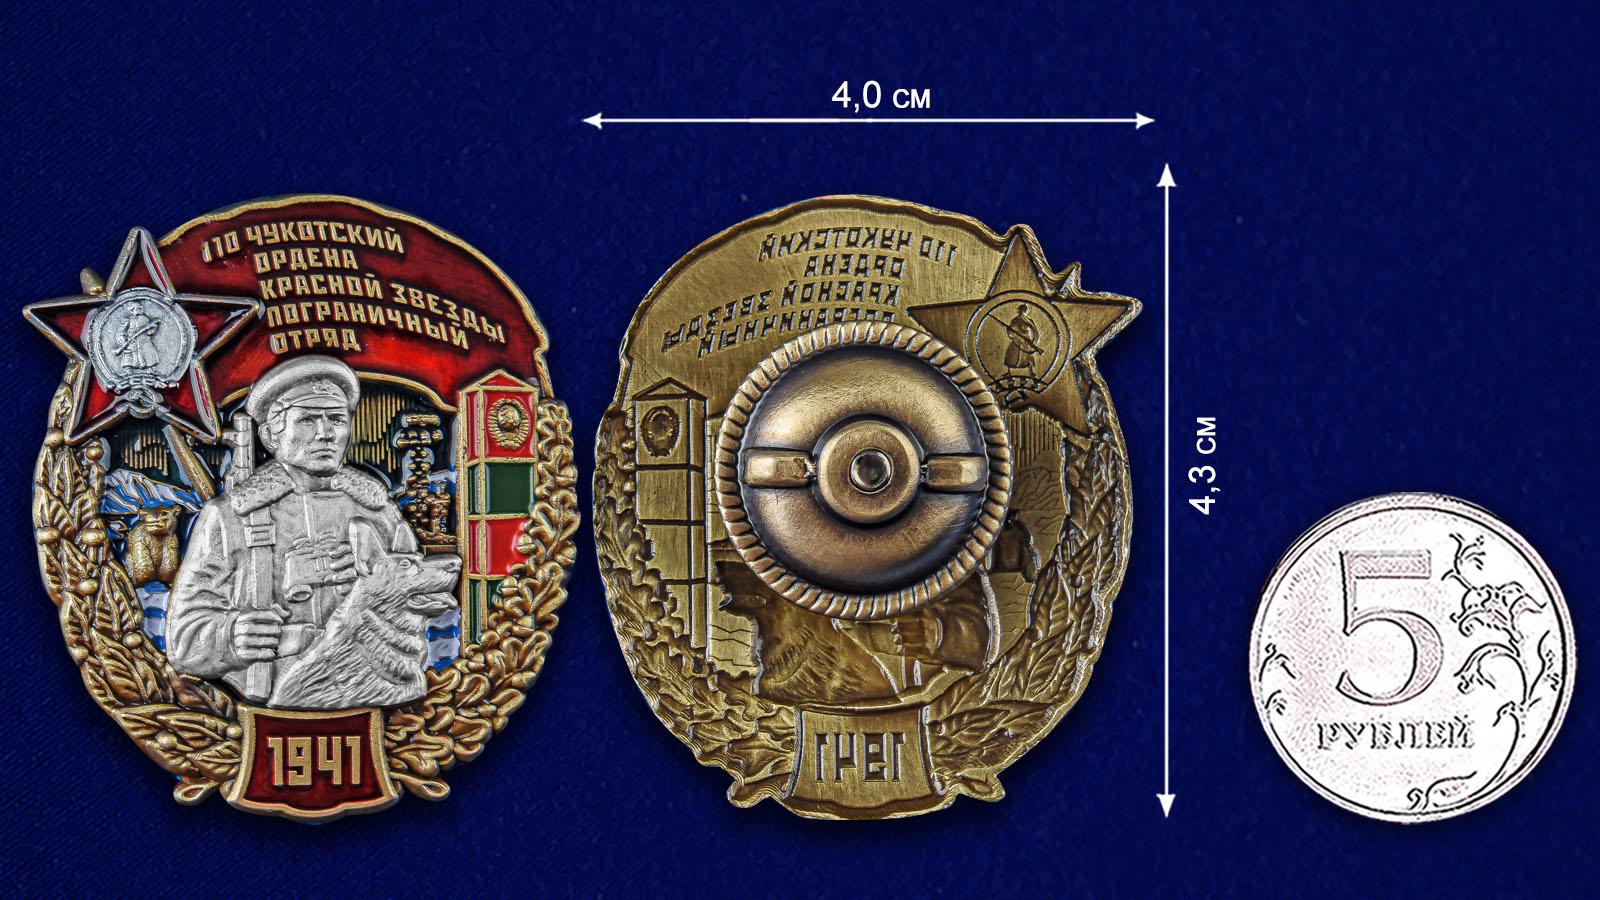 Наградной знак 110 Чукотский ордена Красной звезды Пограничный отряд - сравнительный вид